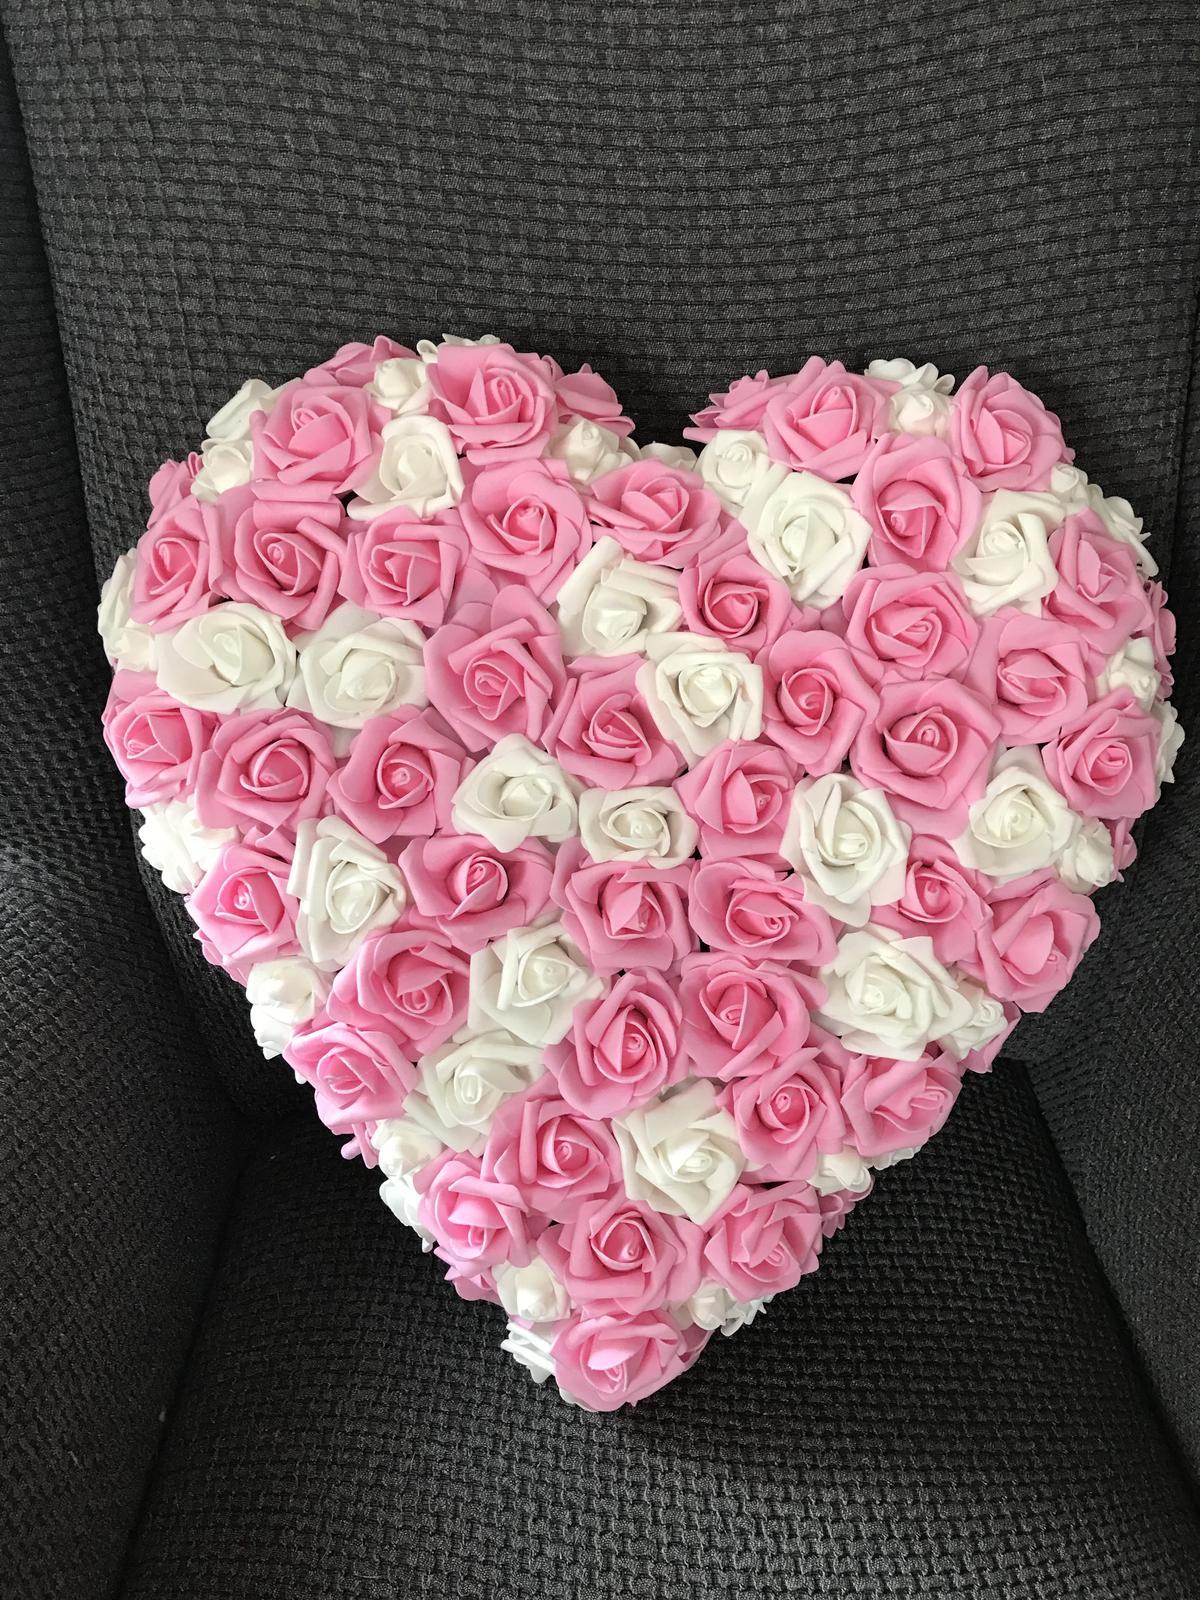 Srdce 45cm - Obrázek č. 1